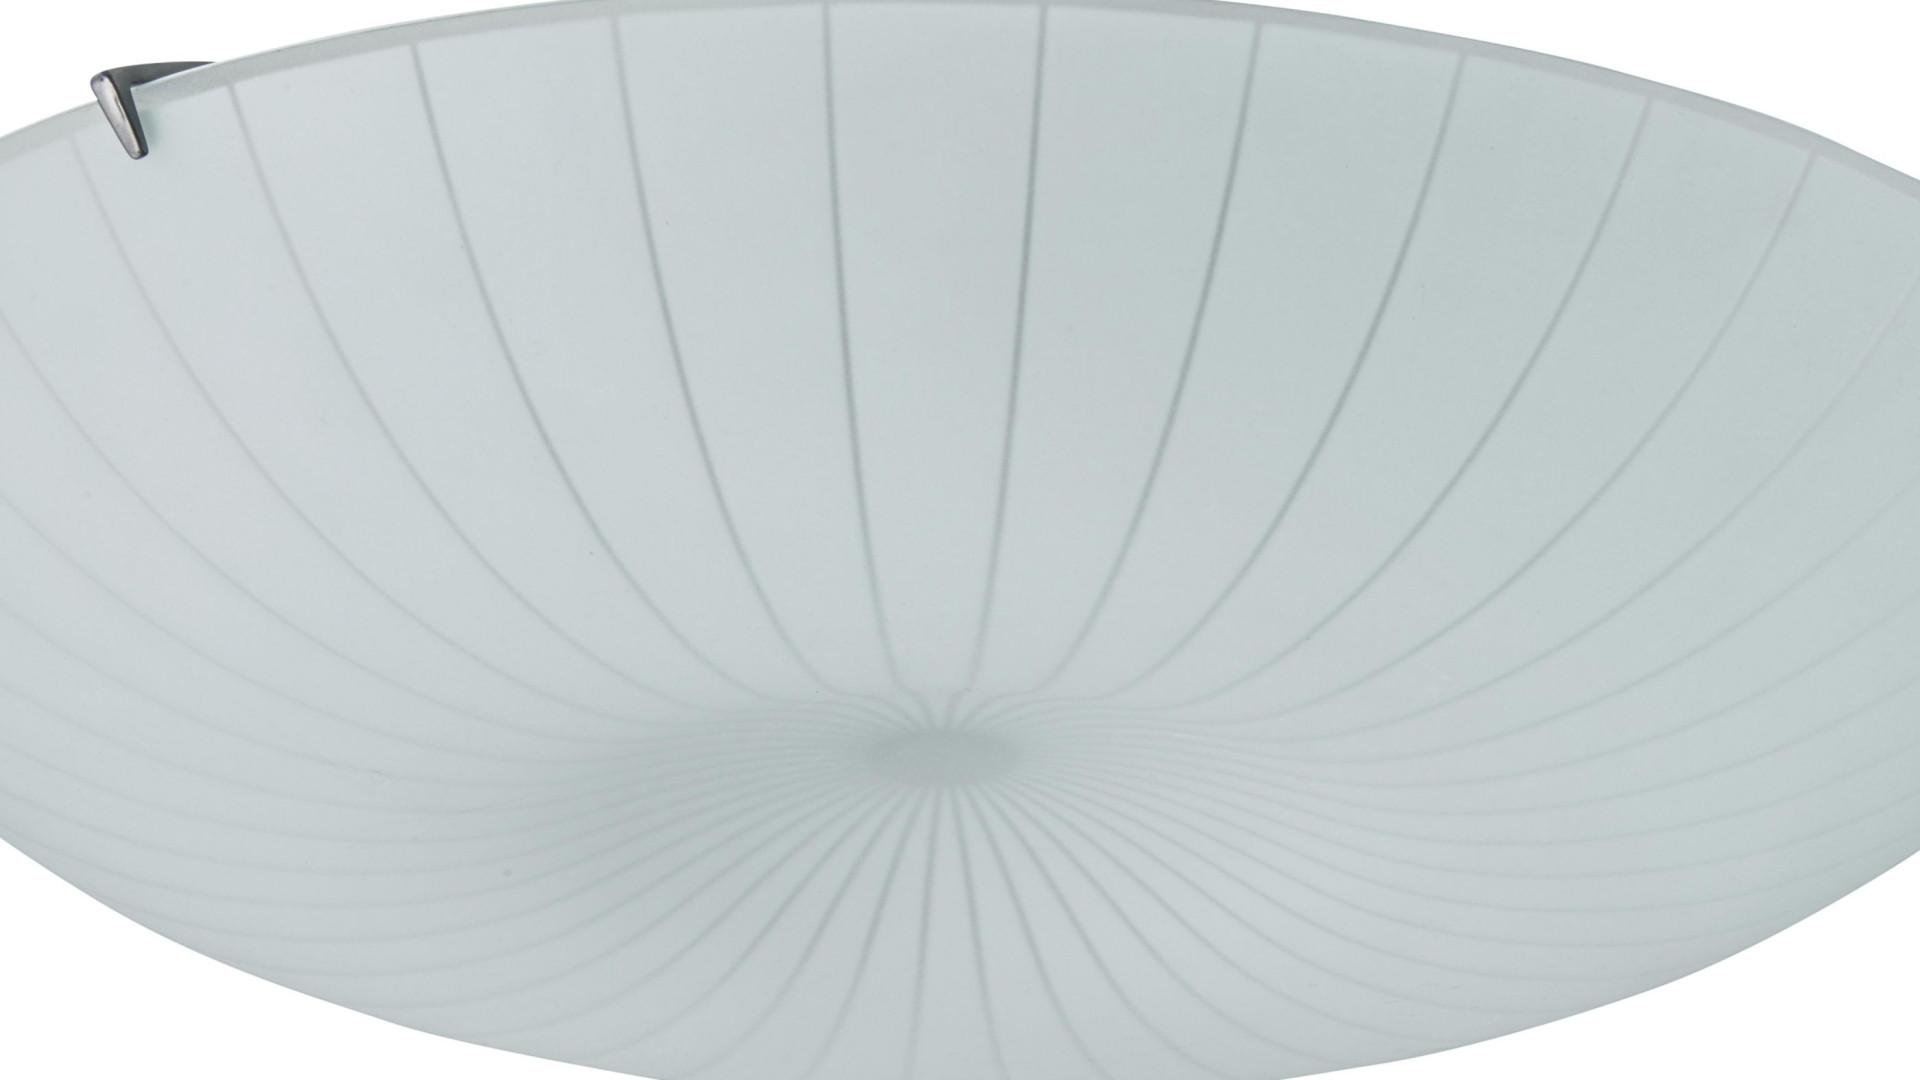 IKEA recolhe candeeiros de teto por risco de queda